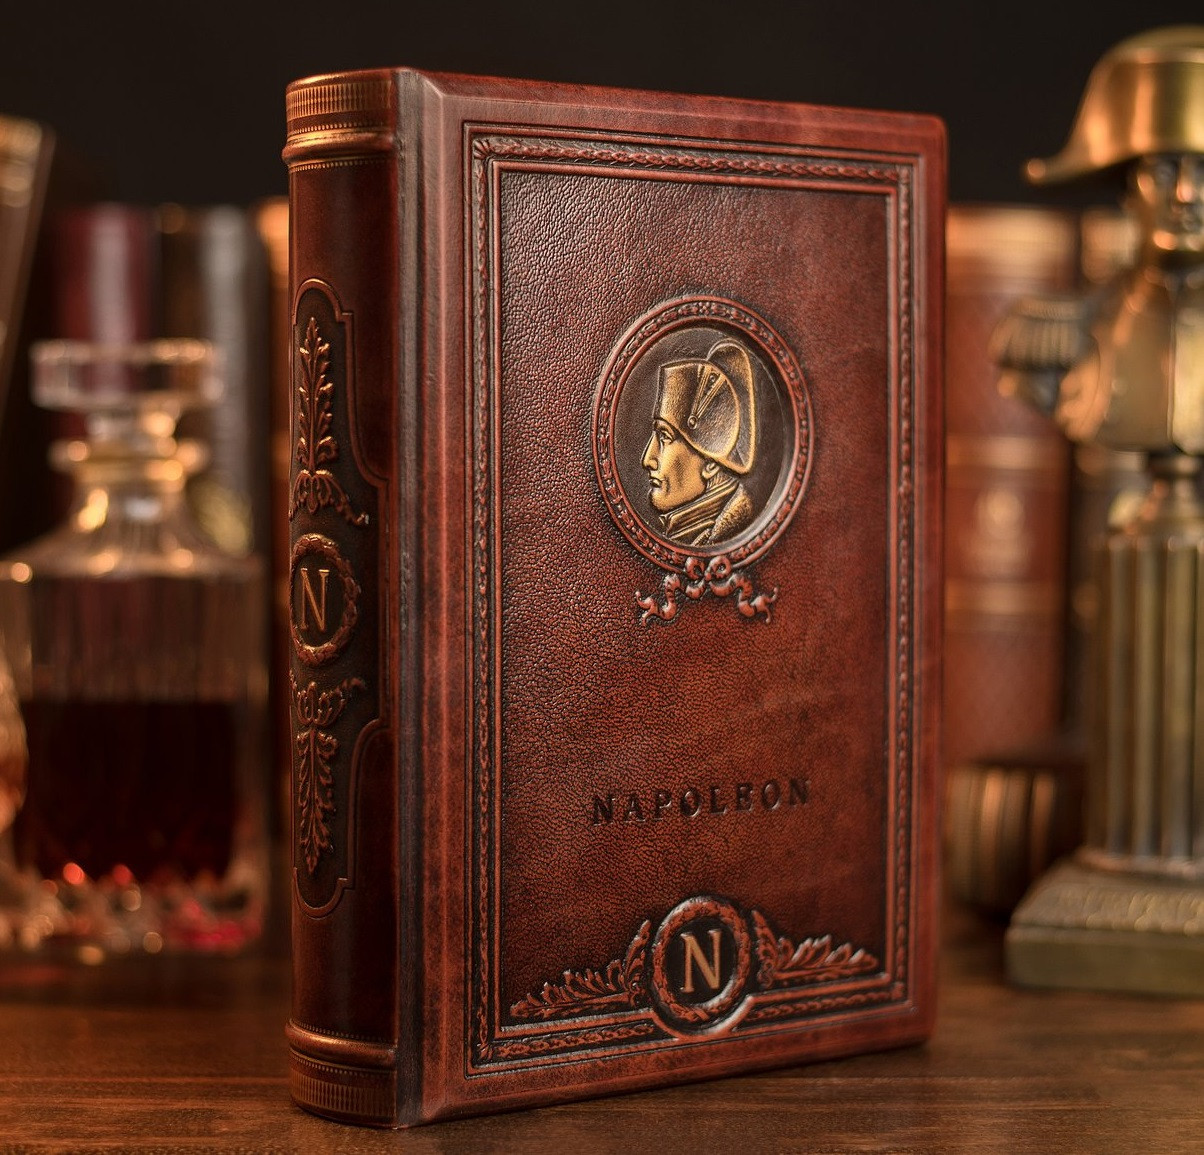 """Книга в кожаном переплете и подарочном футляре """"Великие мысли Наполеона"""""""